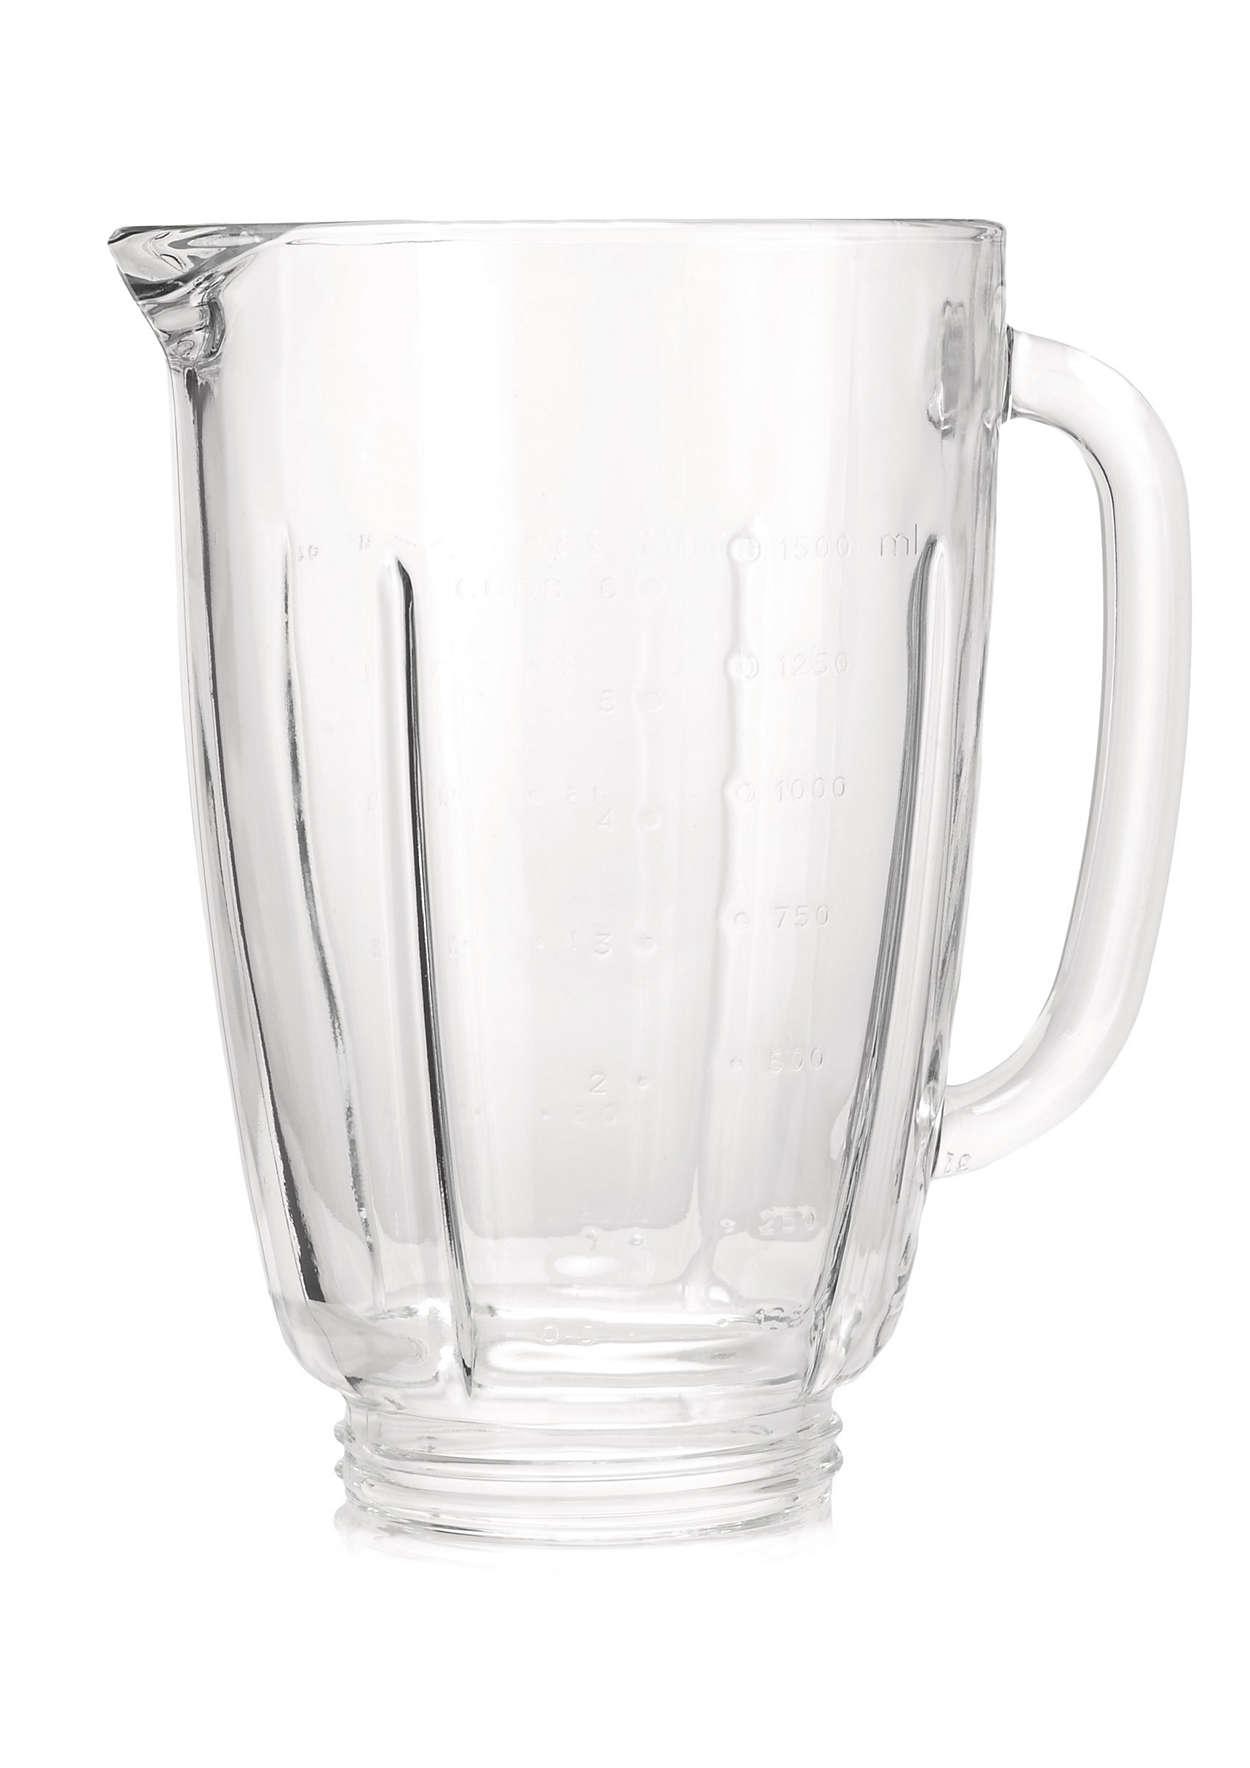 Glazen blenderbeker